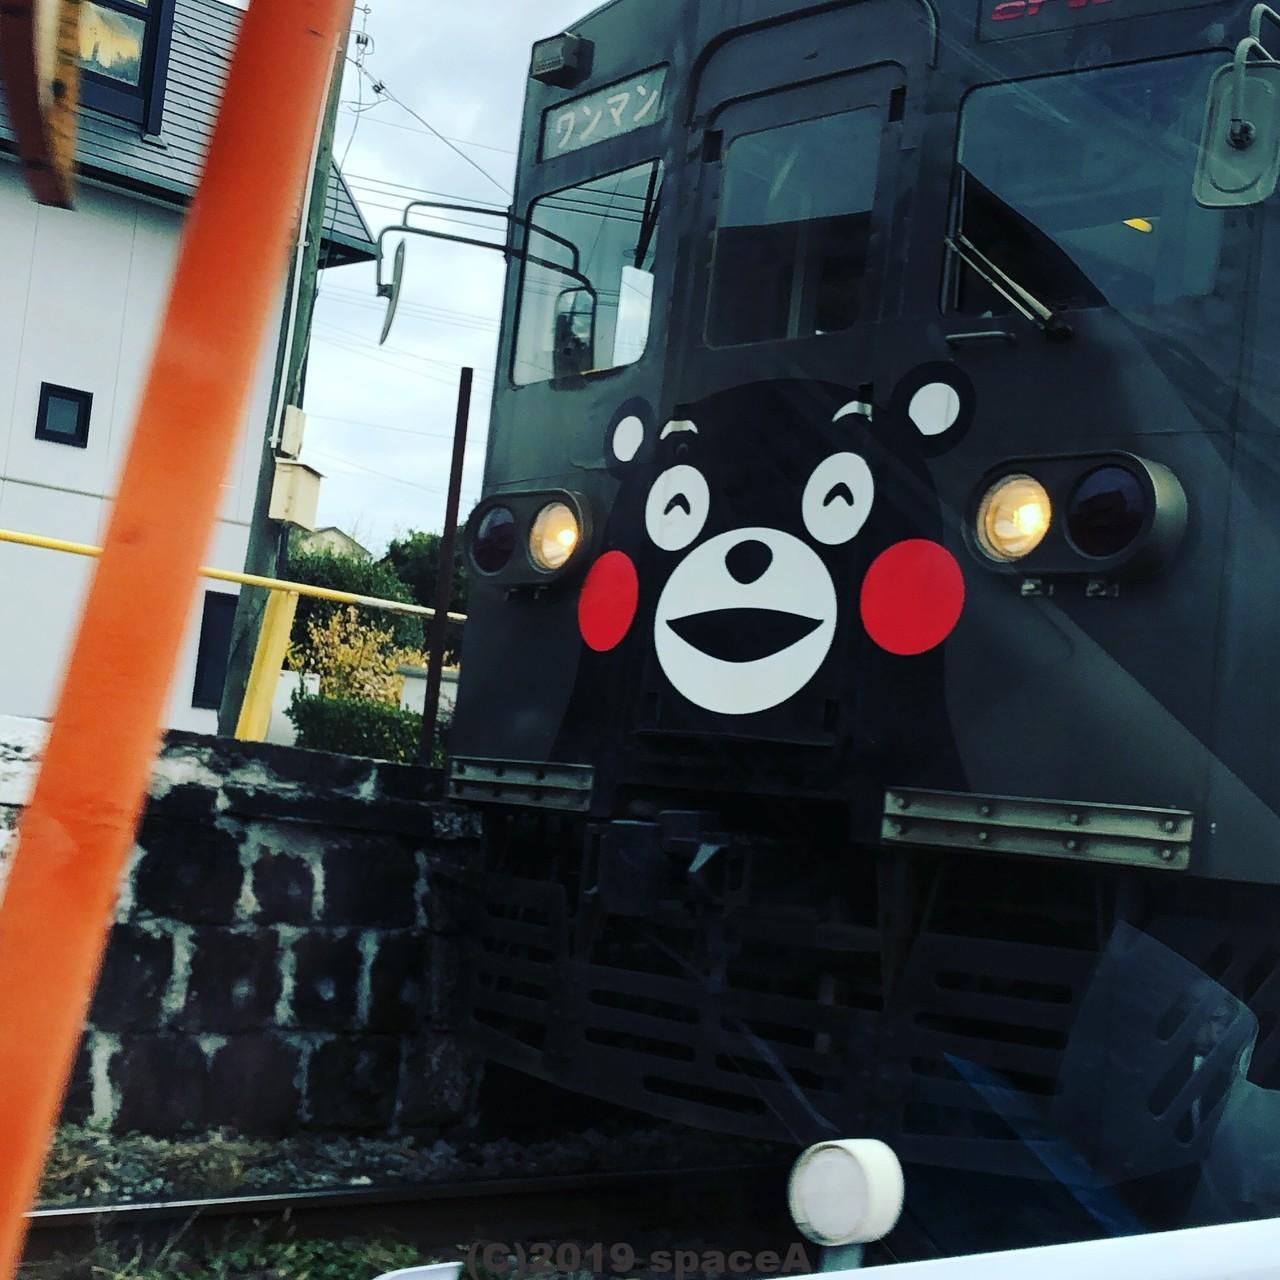 熊本電鉄のくまモン電車